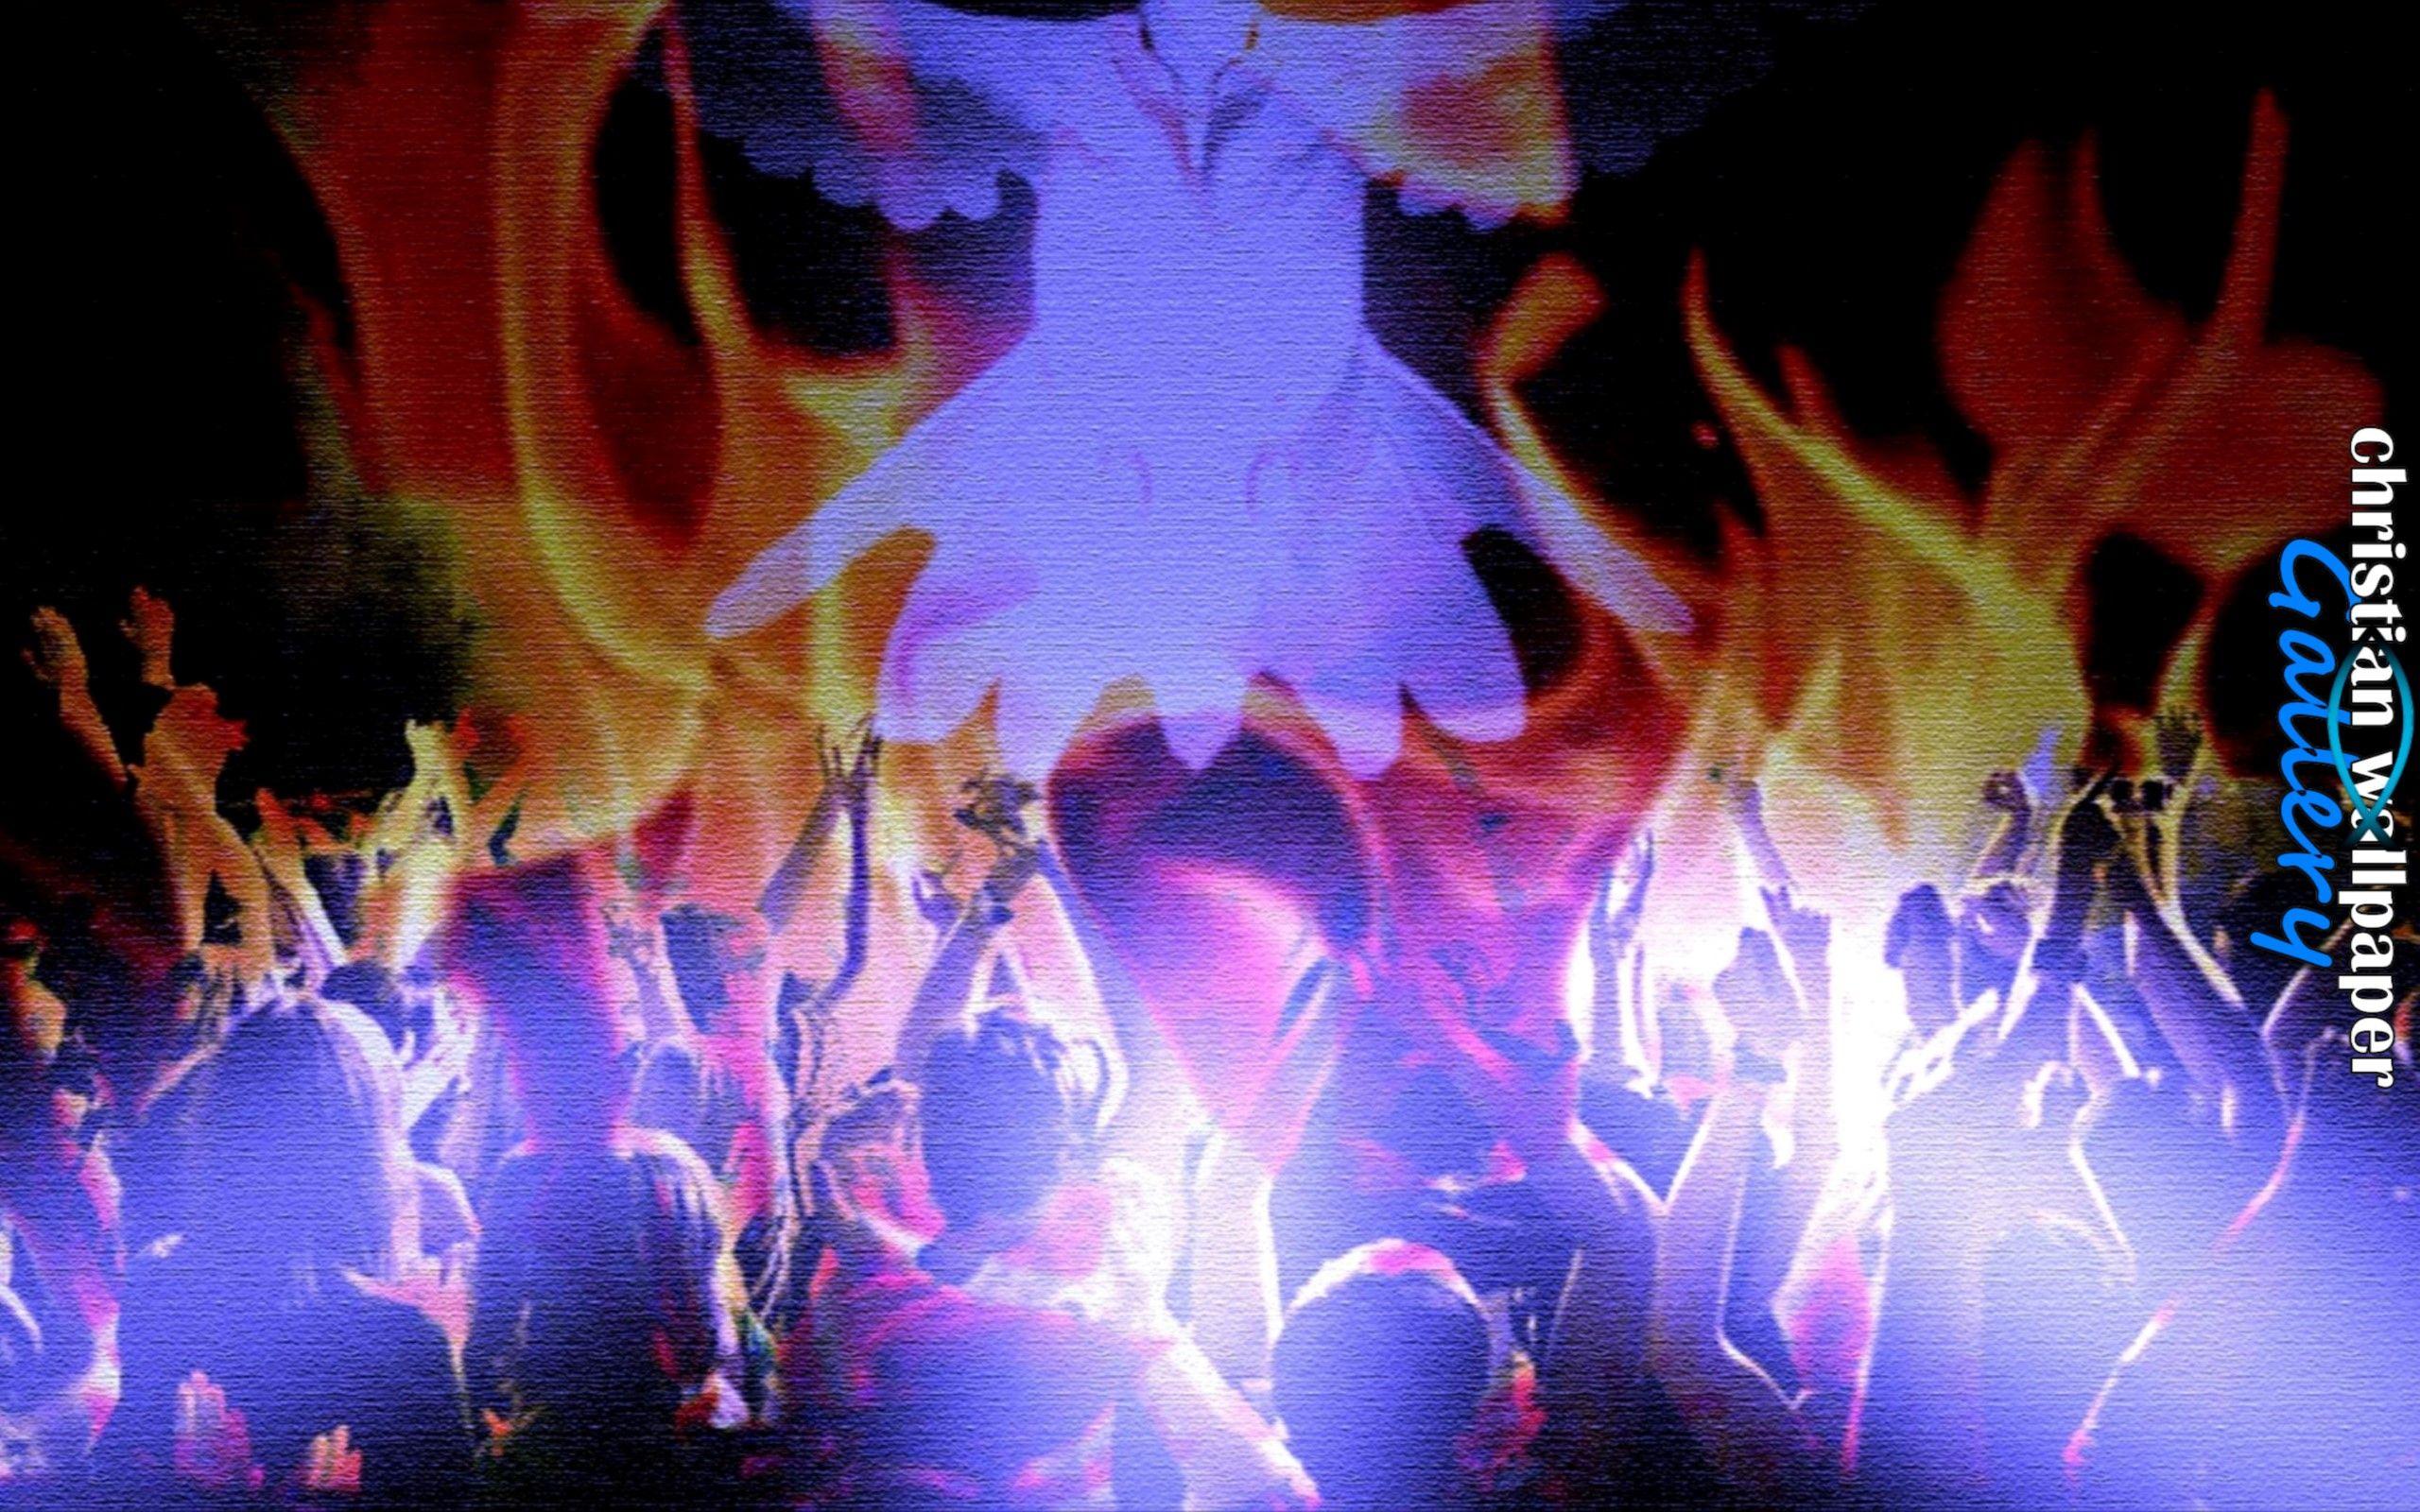 pentecost blue fire pentecost pinterest christian wallpaper